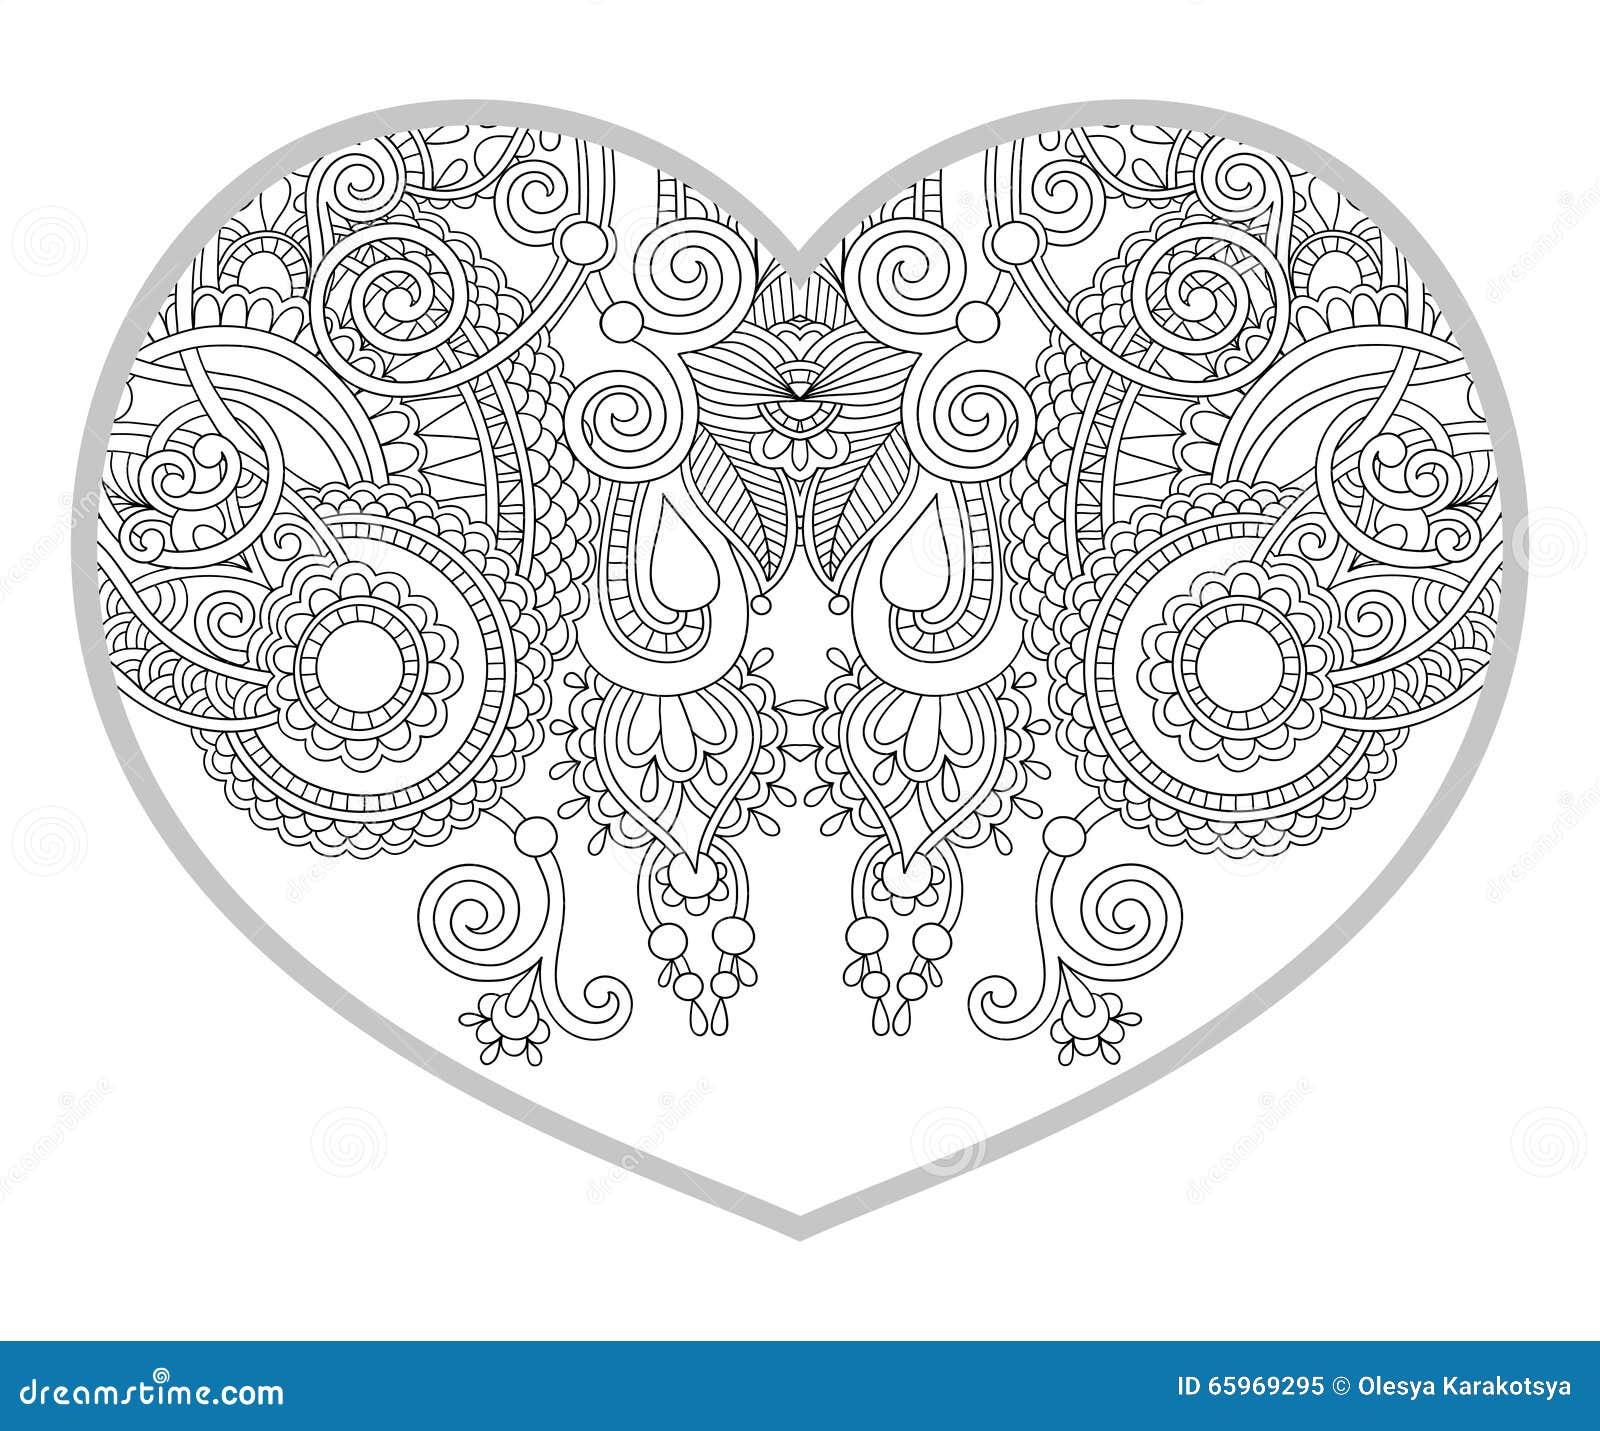 Mod le en forme de coeur pour livre de coloriage adulte et plus ancien d 39 enfants illustration de - Mandala de coeur ...